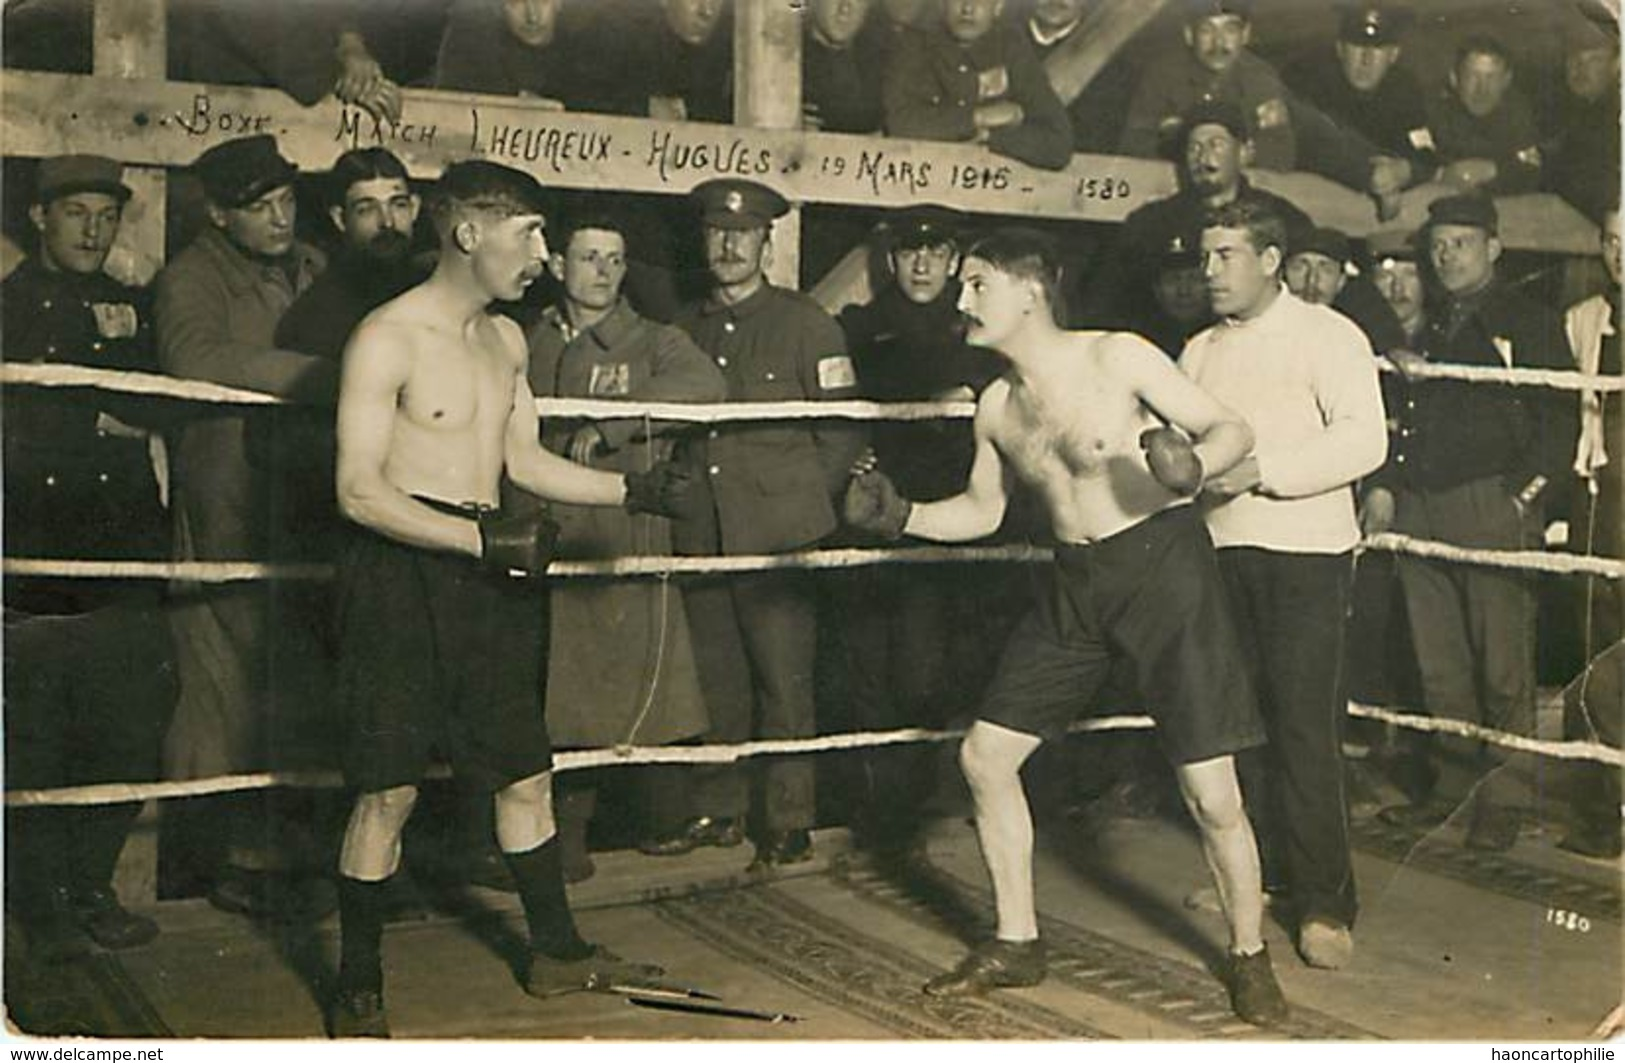 Boxe  Match Lheureux Hugues 19 Mars 1915 Carte Photo - Boxe